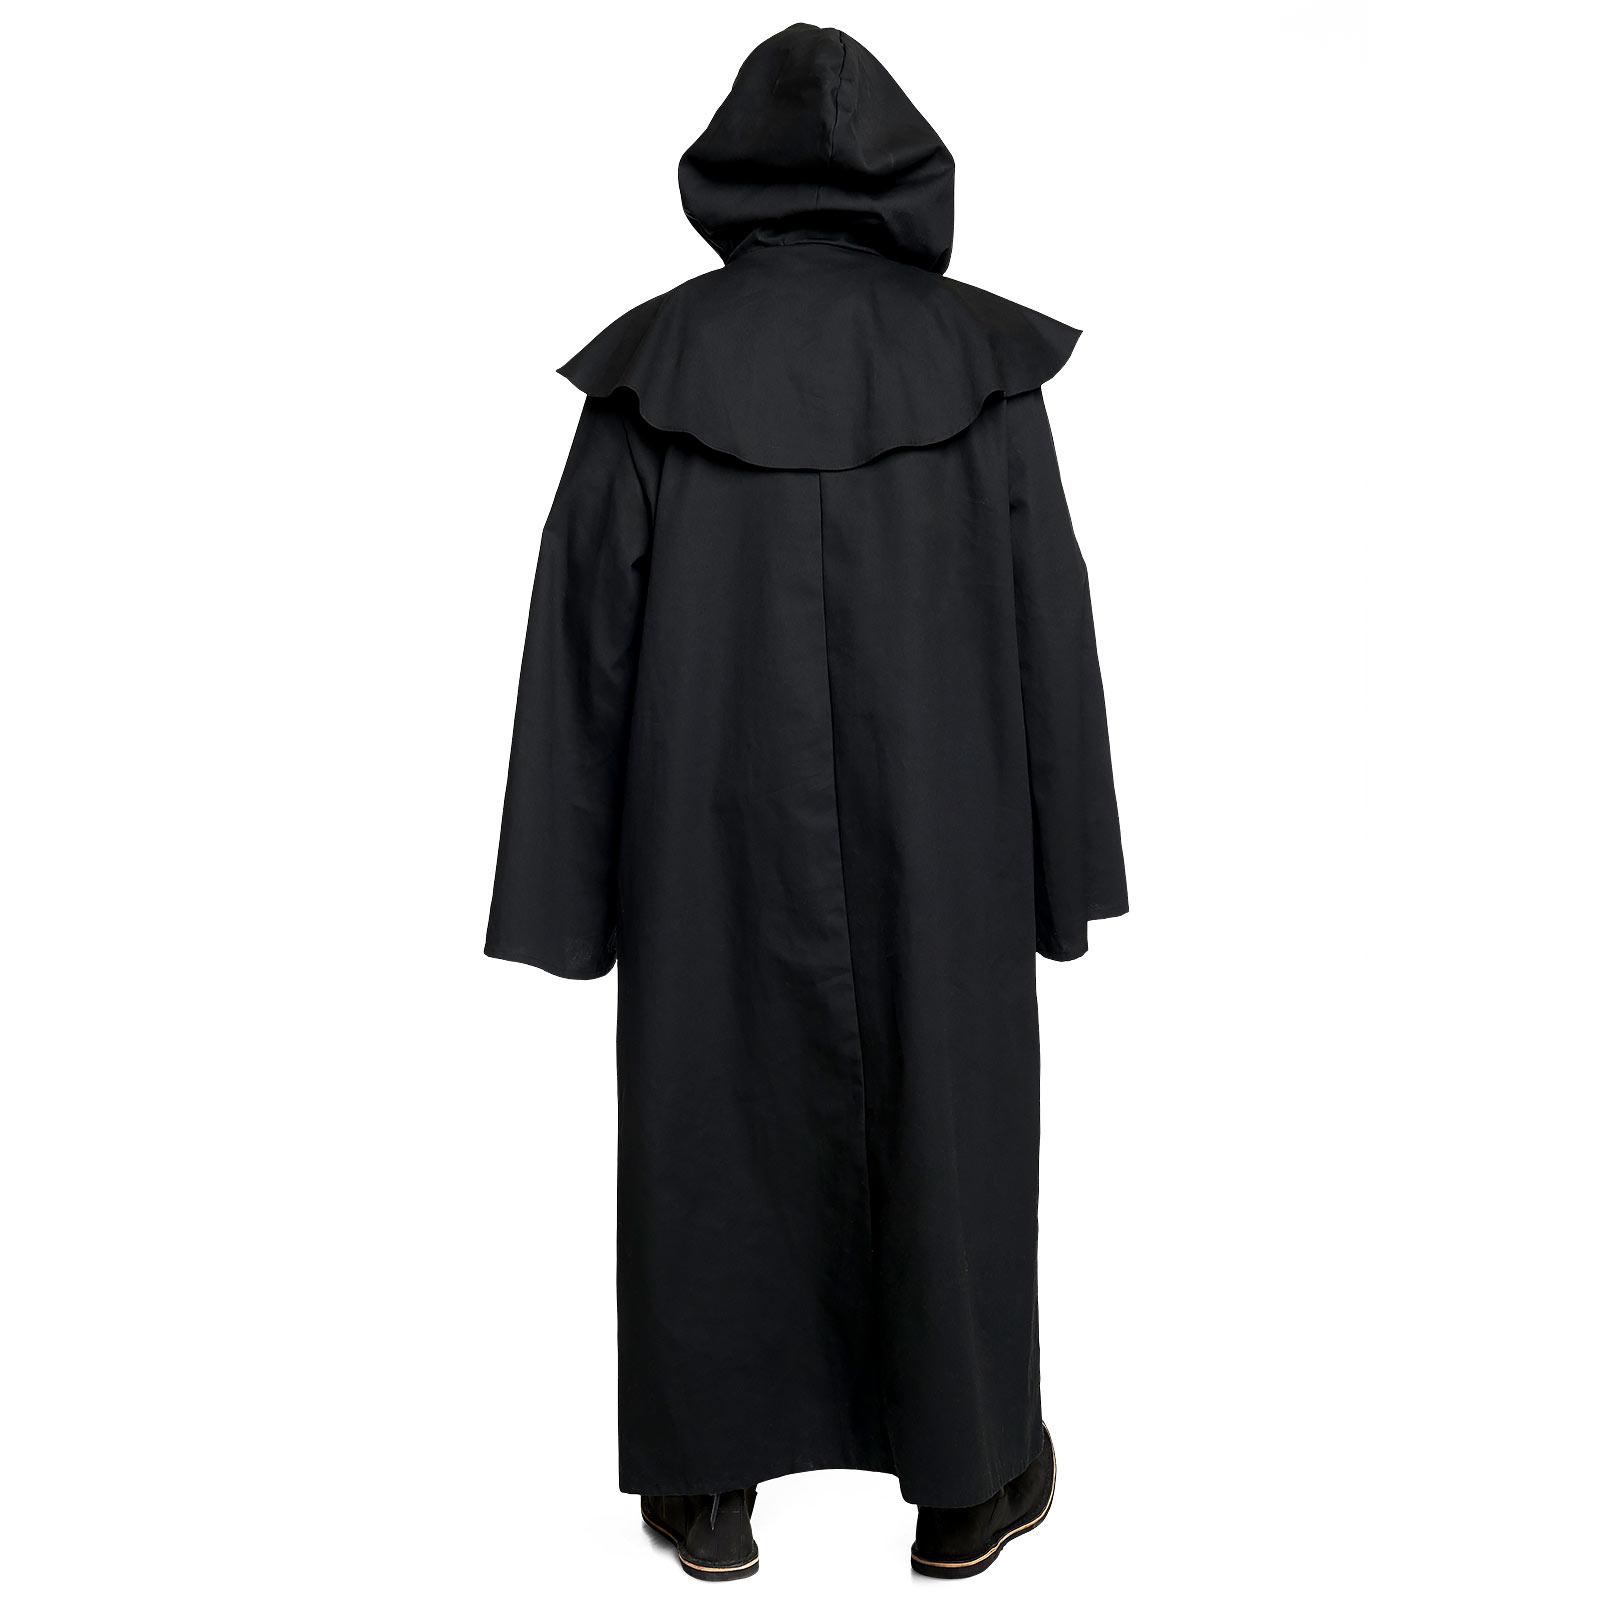 Schwarzer Abt - Kostüm